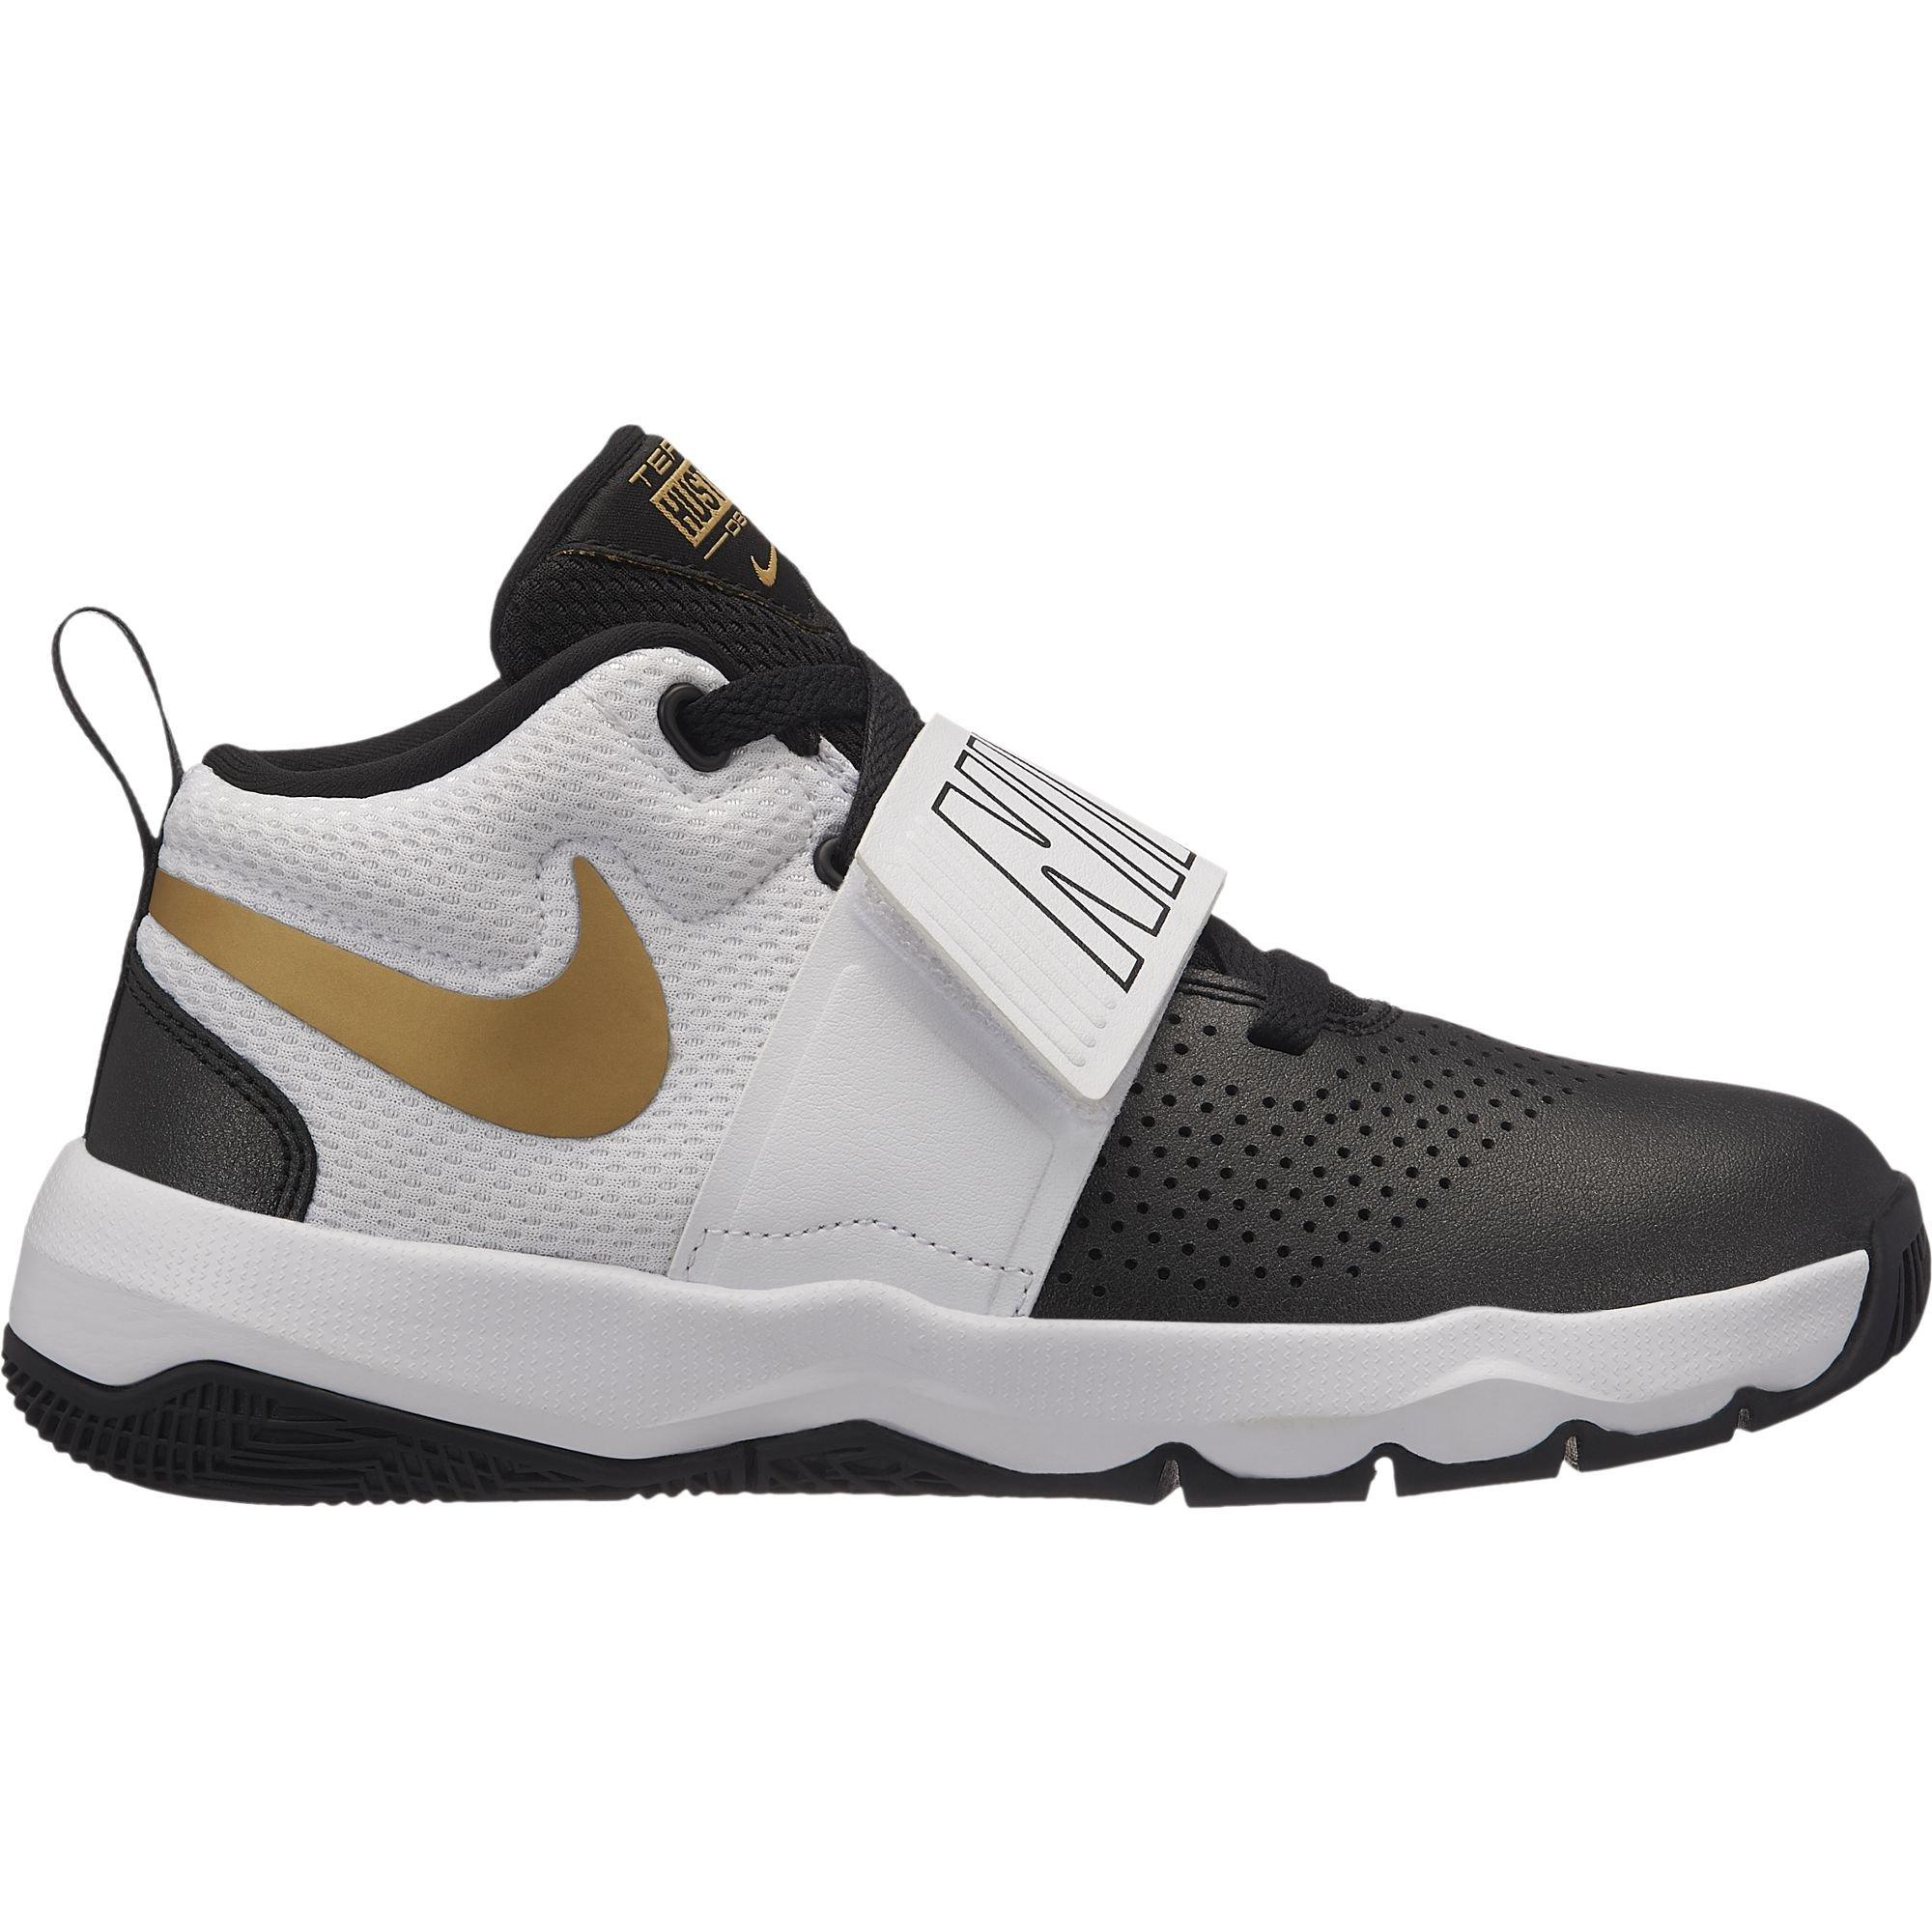 promo code a60bd c4a95 Galleon - Nike Boy s Team Hustle D 8 (GS) Basketball Shoe Black Metallic  Gold White Size 6.5 M US